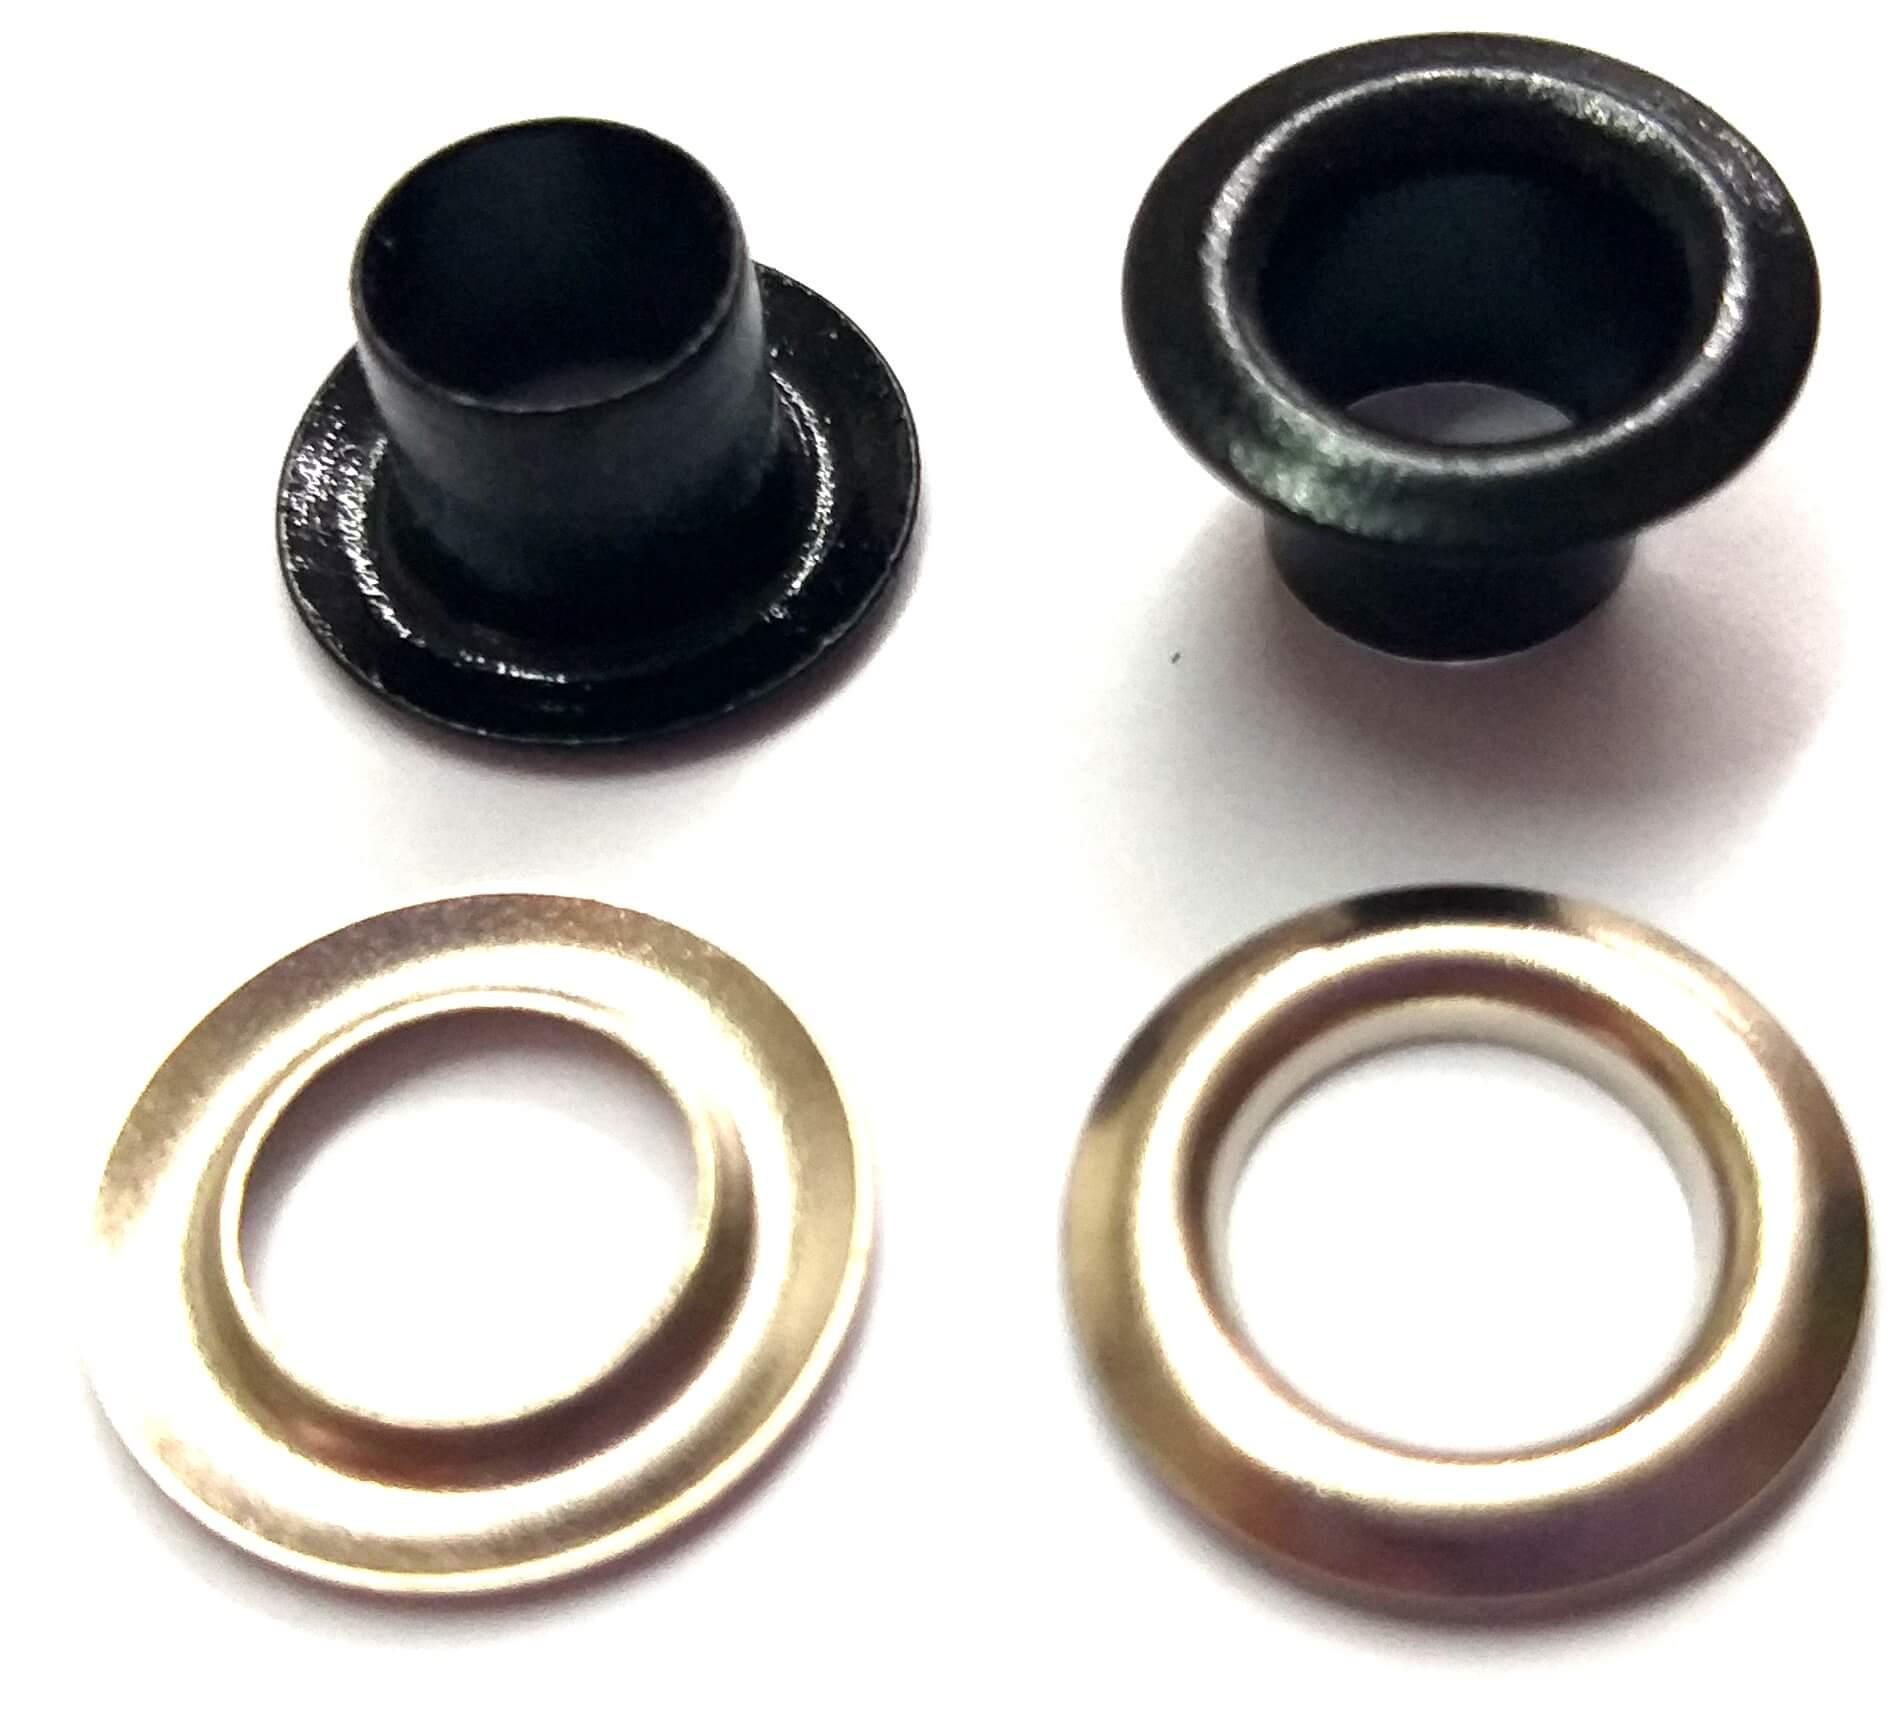 Ilhós com Arruela Ferro Nº 50 - 11mm de diâmetro externo - Diversas Cores